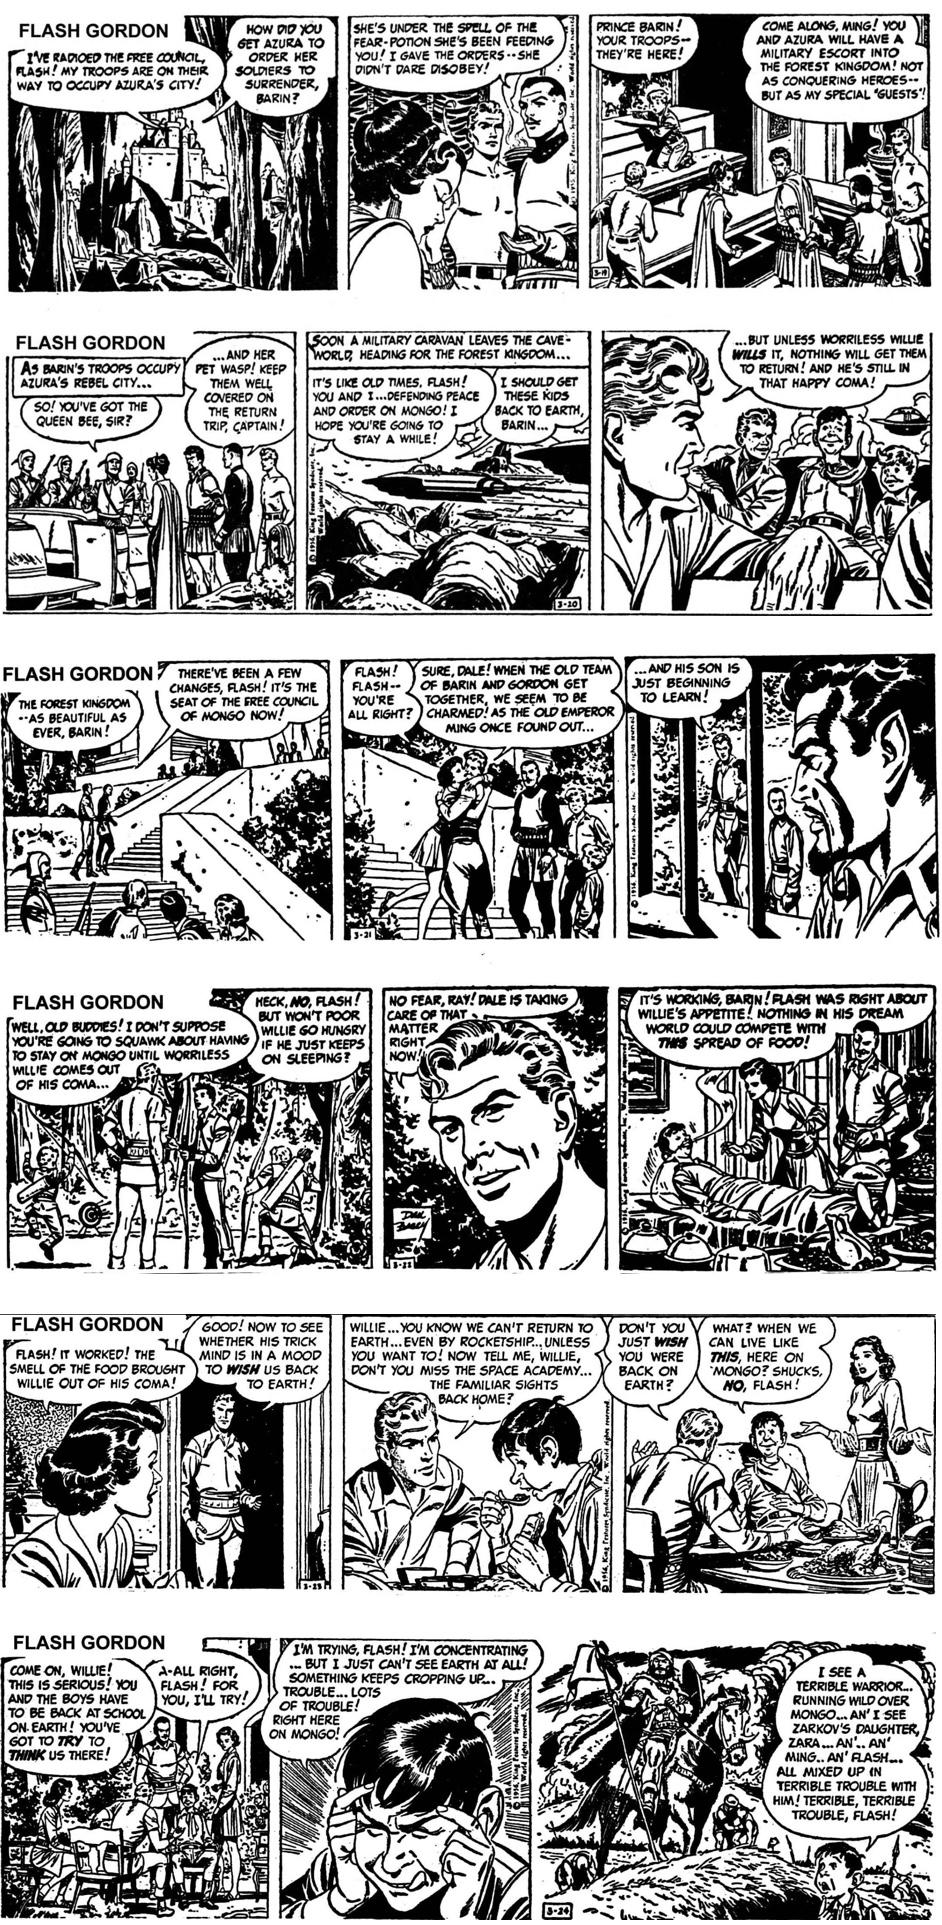 Flash Gordon 19-24 mars 1956